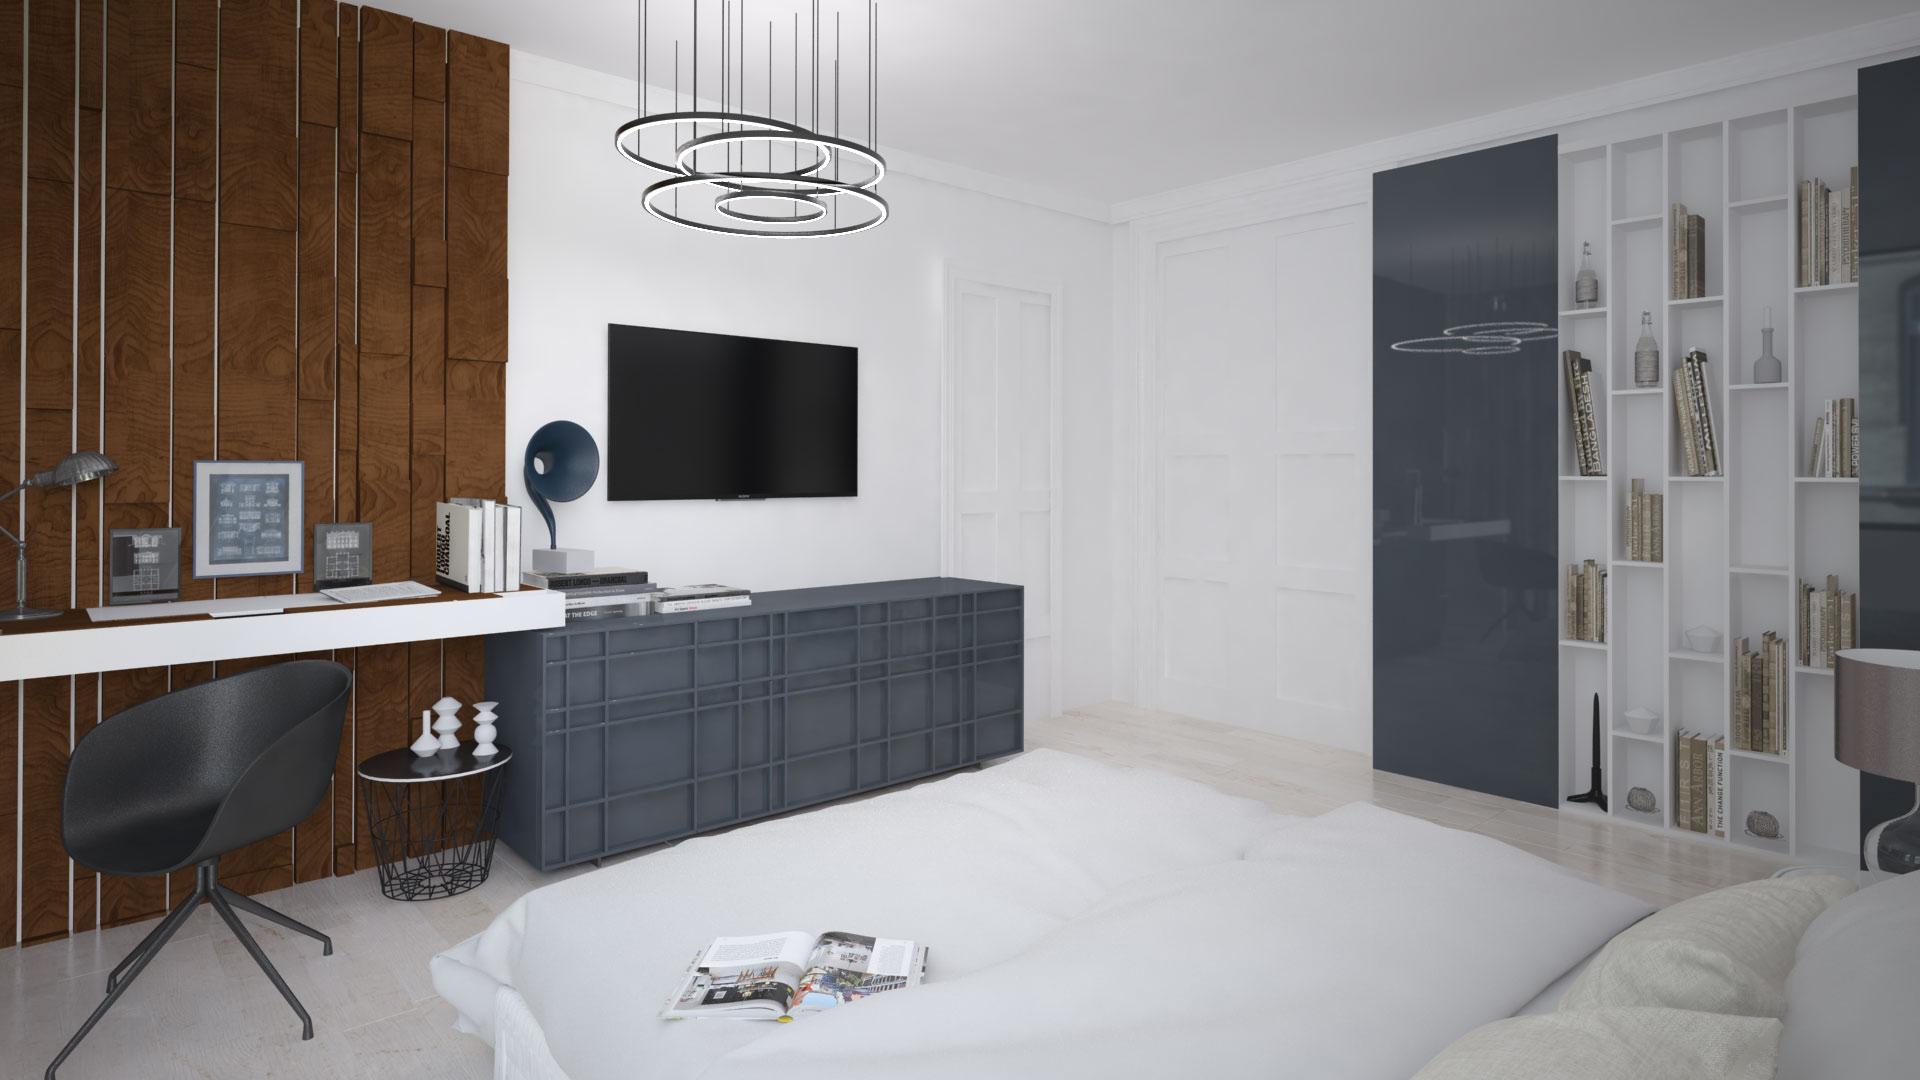 amenajare_interioara_dormitor1